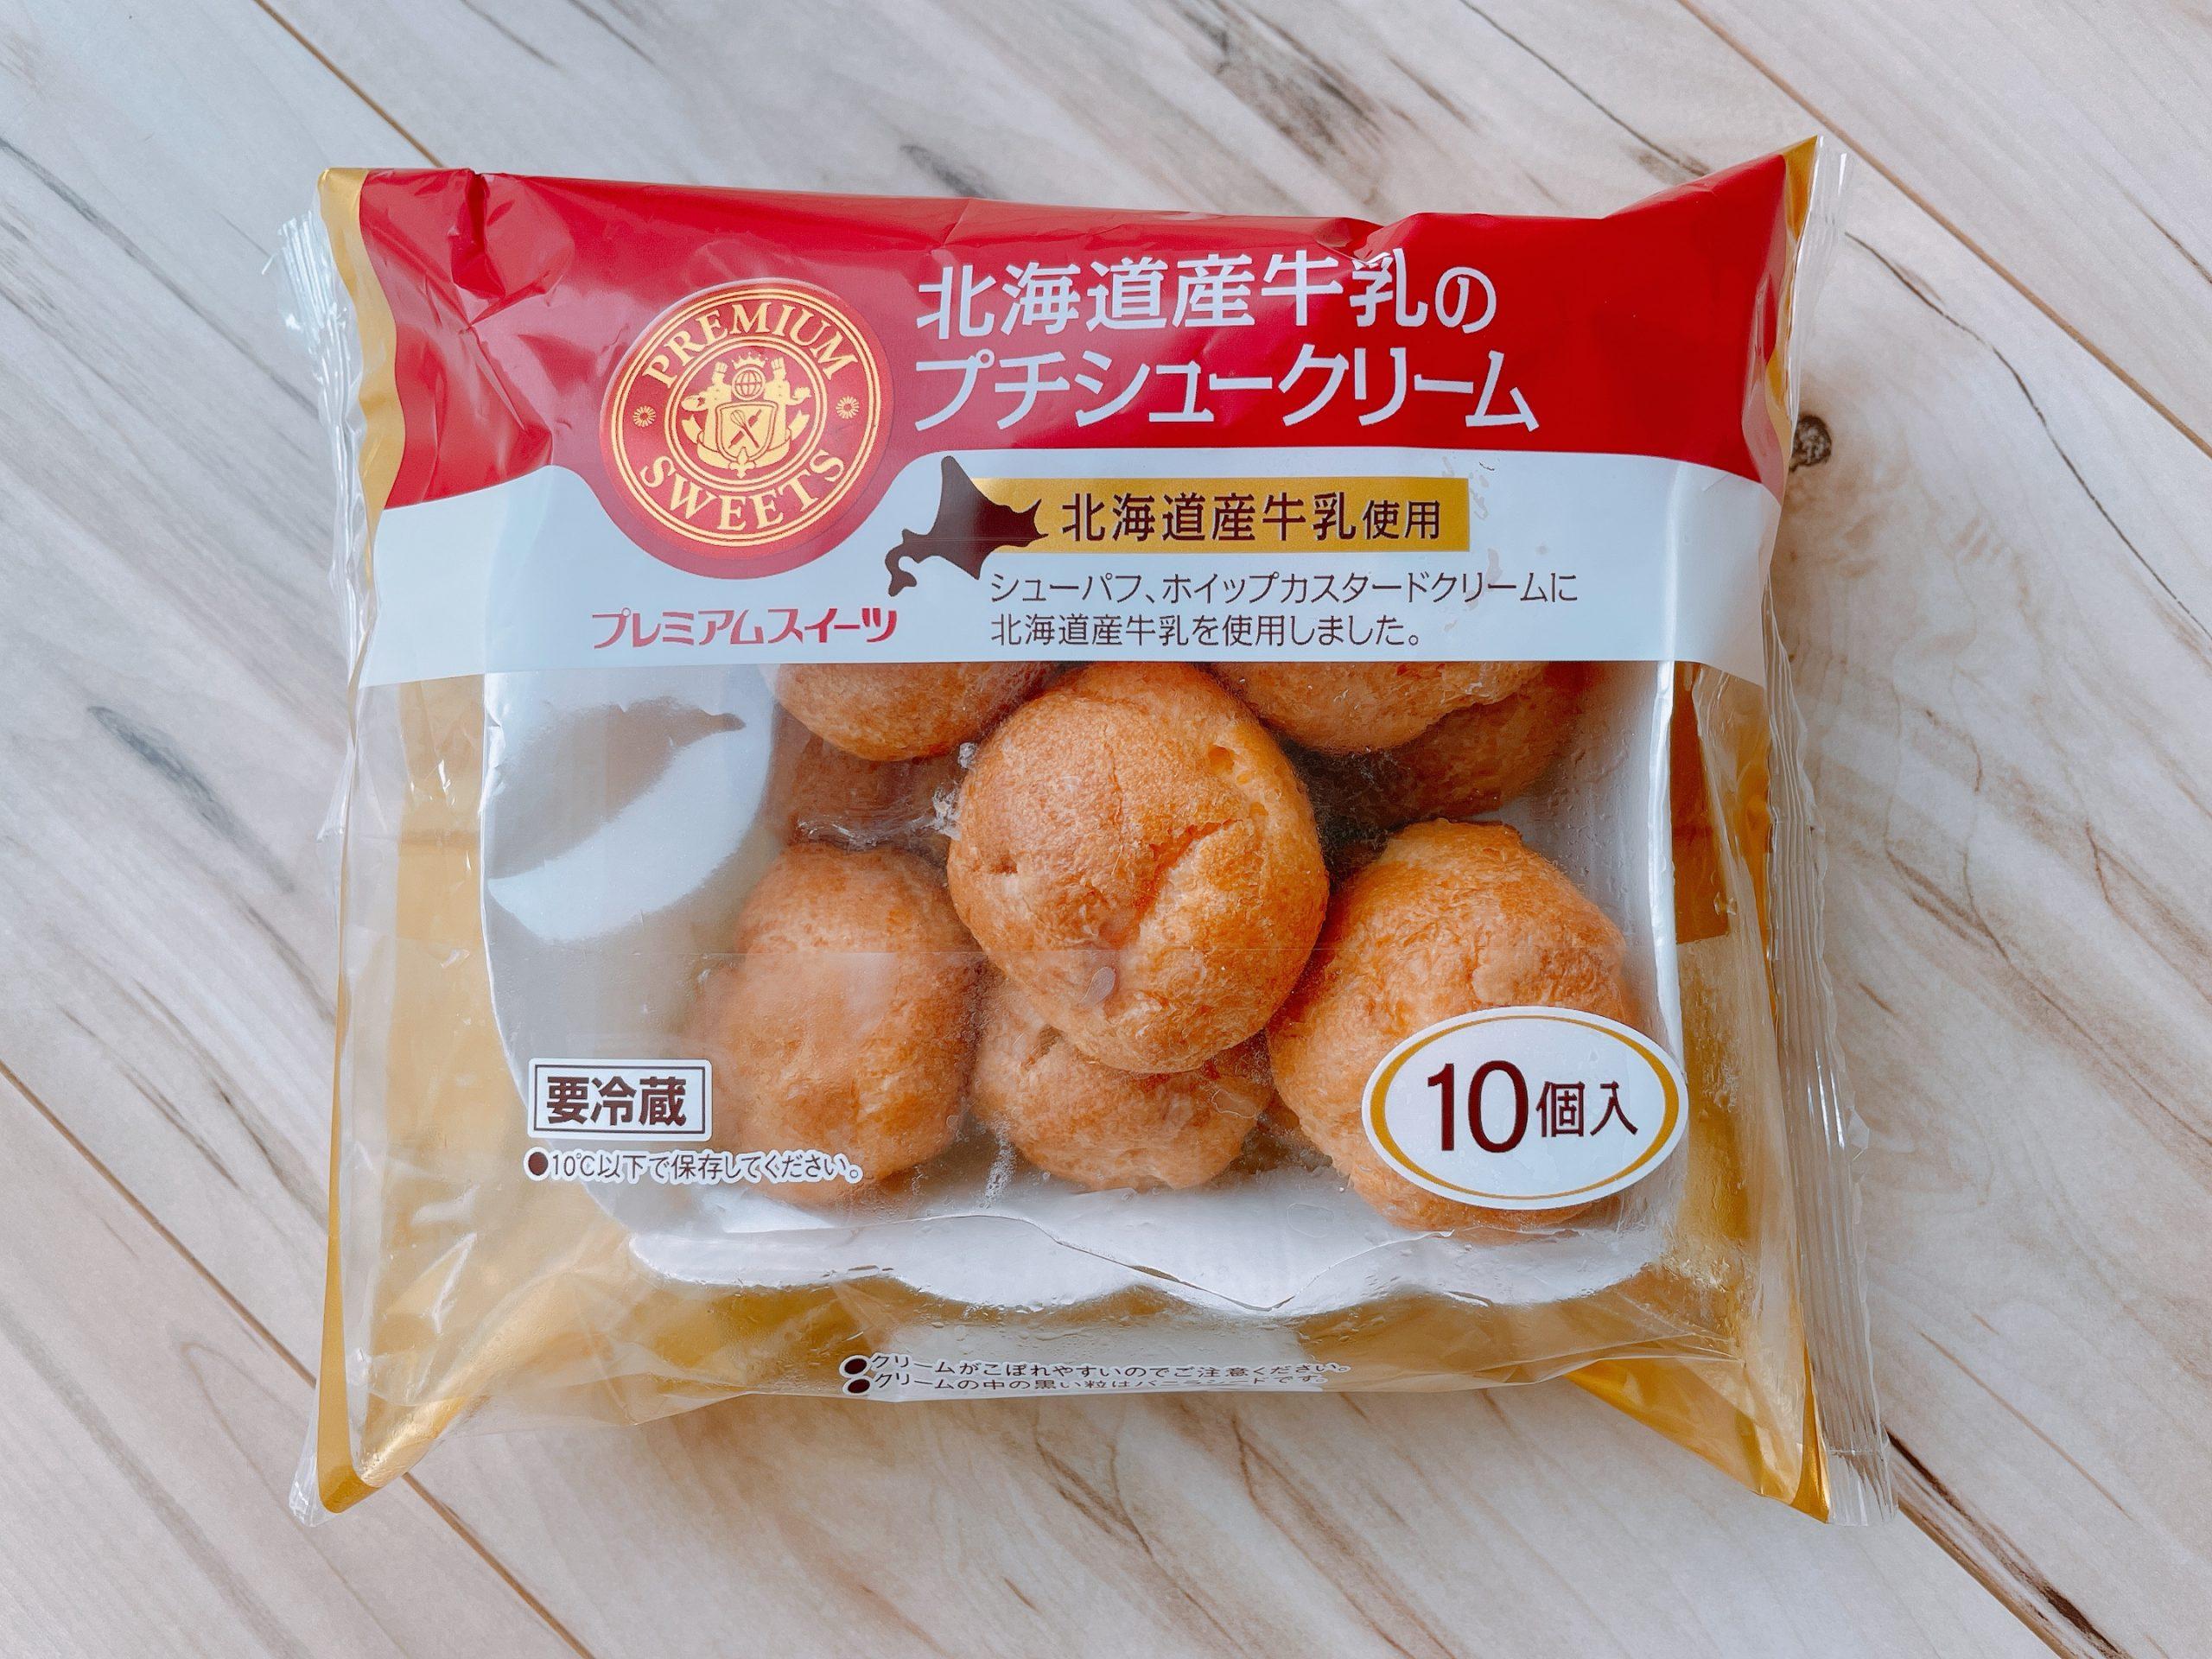 北海道産牛乳のプチシュークリームのパッケージ